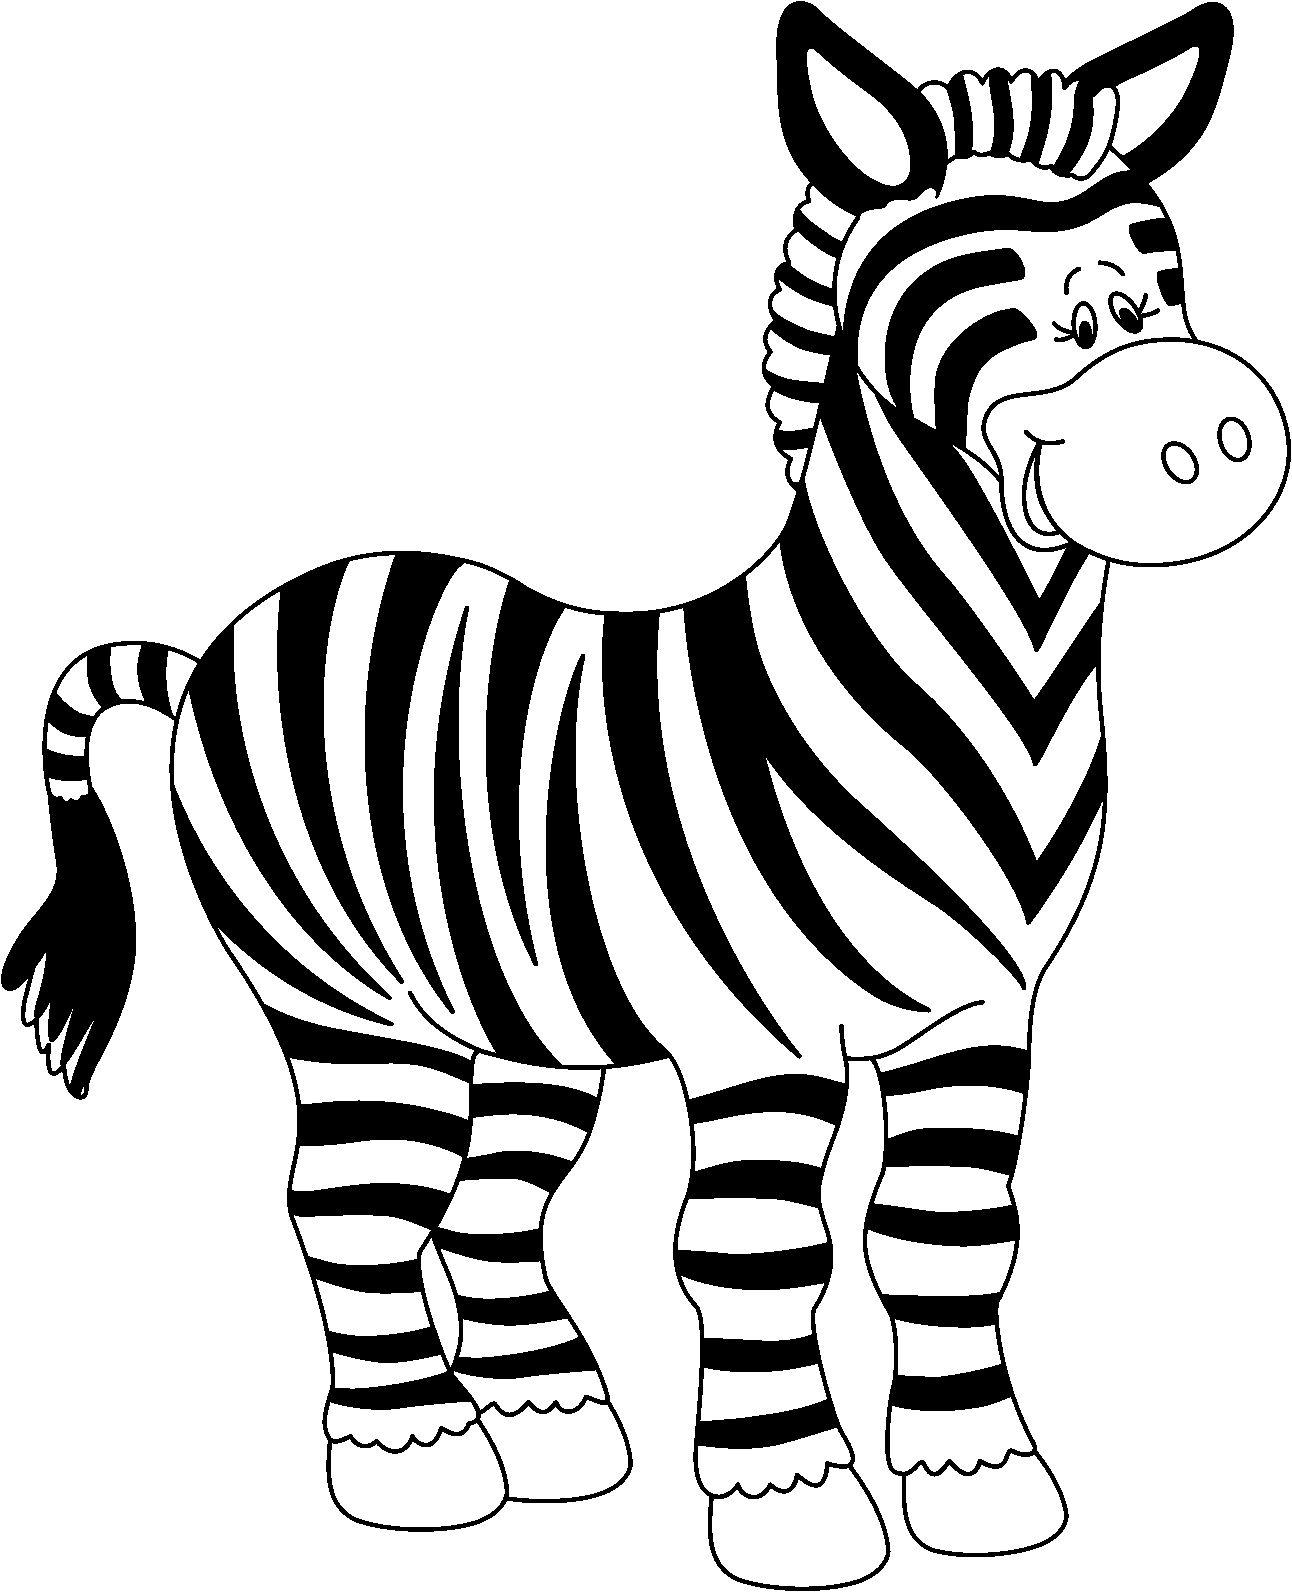 La chachipedia dibujos de cebras para colorear - Coloriage zebre ...